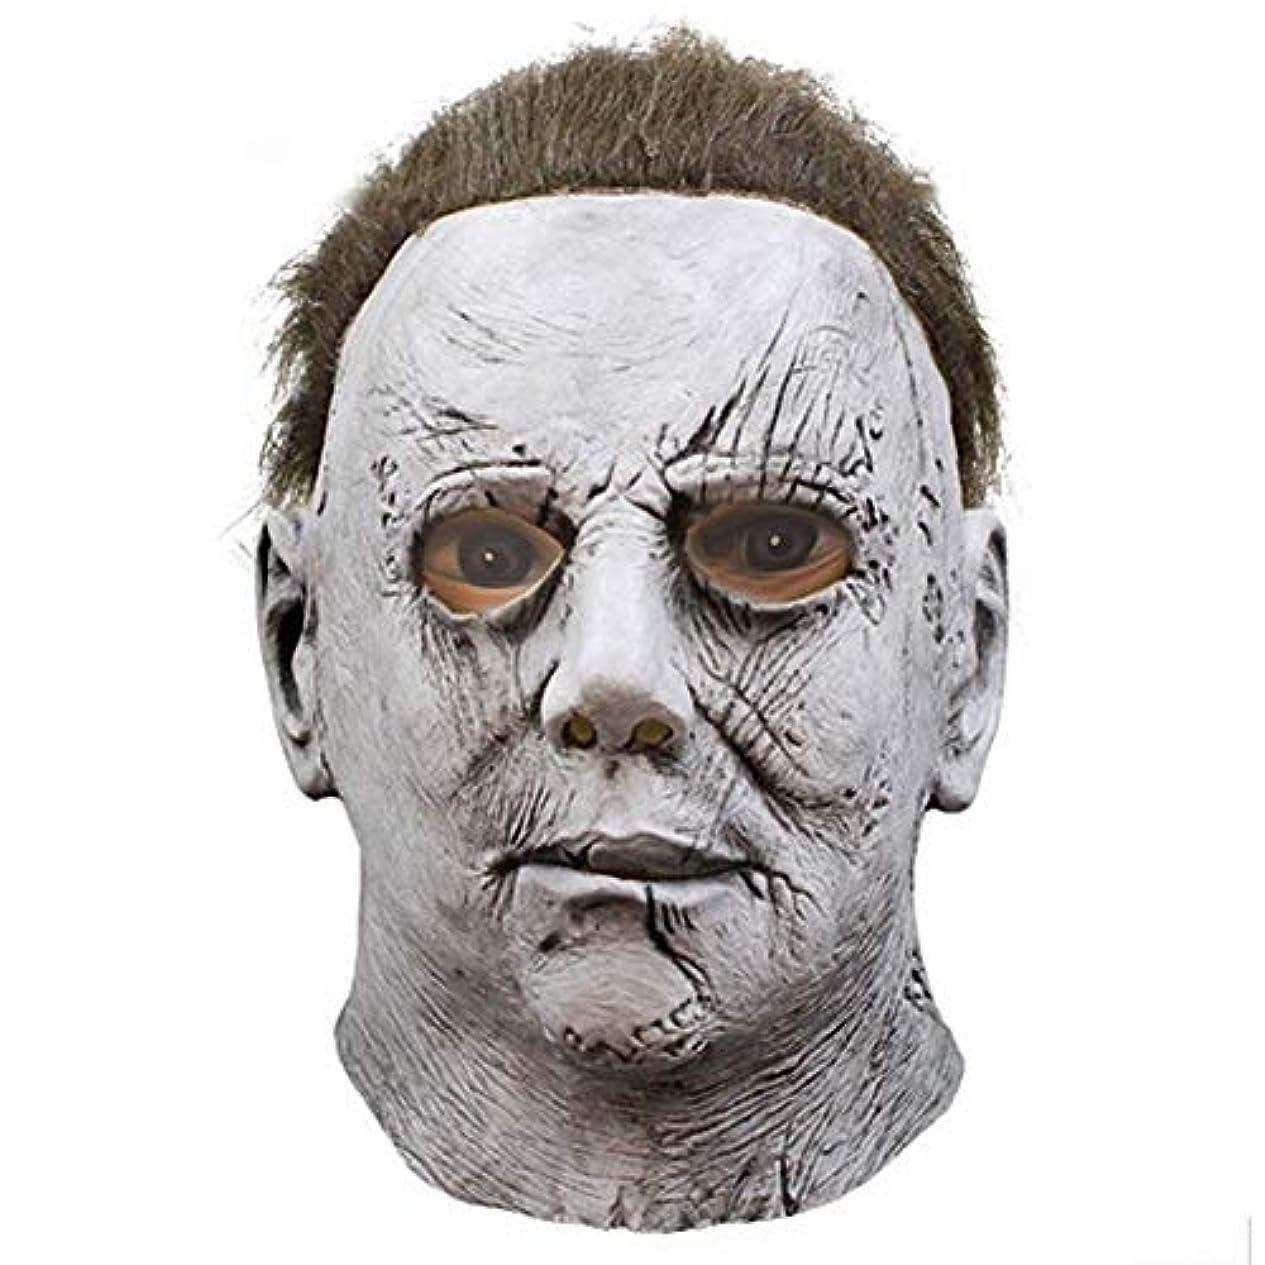 マッシュ規範豚肉ハロウィーンマスク、顔をしかめるラテックスマスク、ハロウィーン、テーマパーティー、カーニバル、レイブパーティー、バー、小道具、映画。